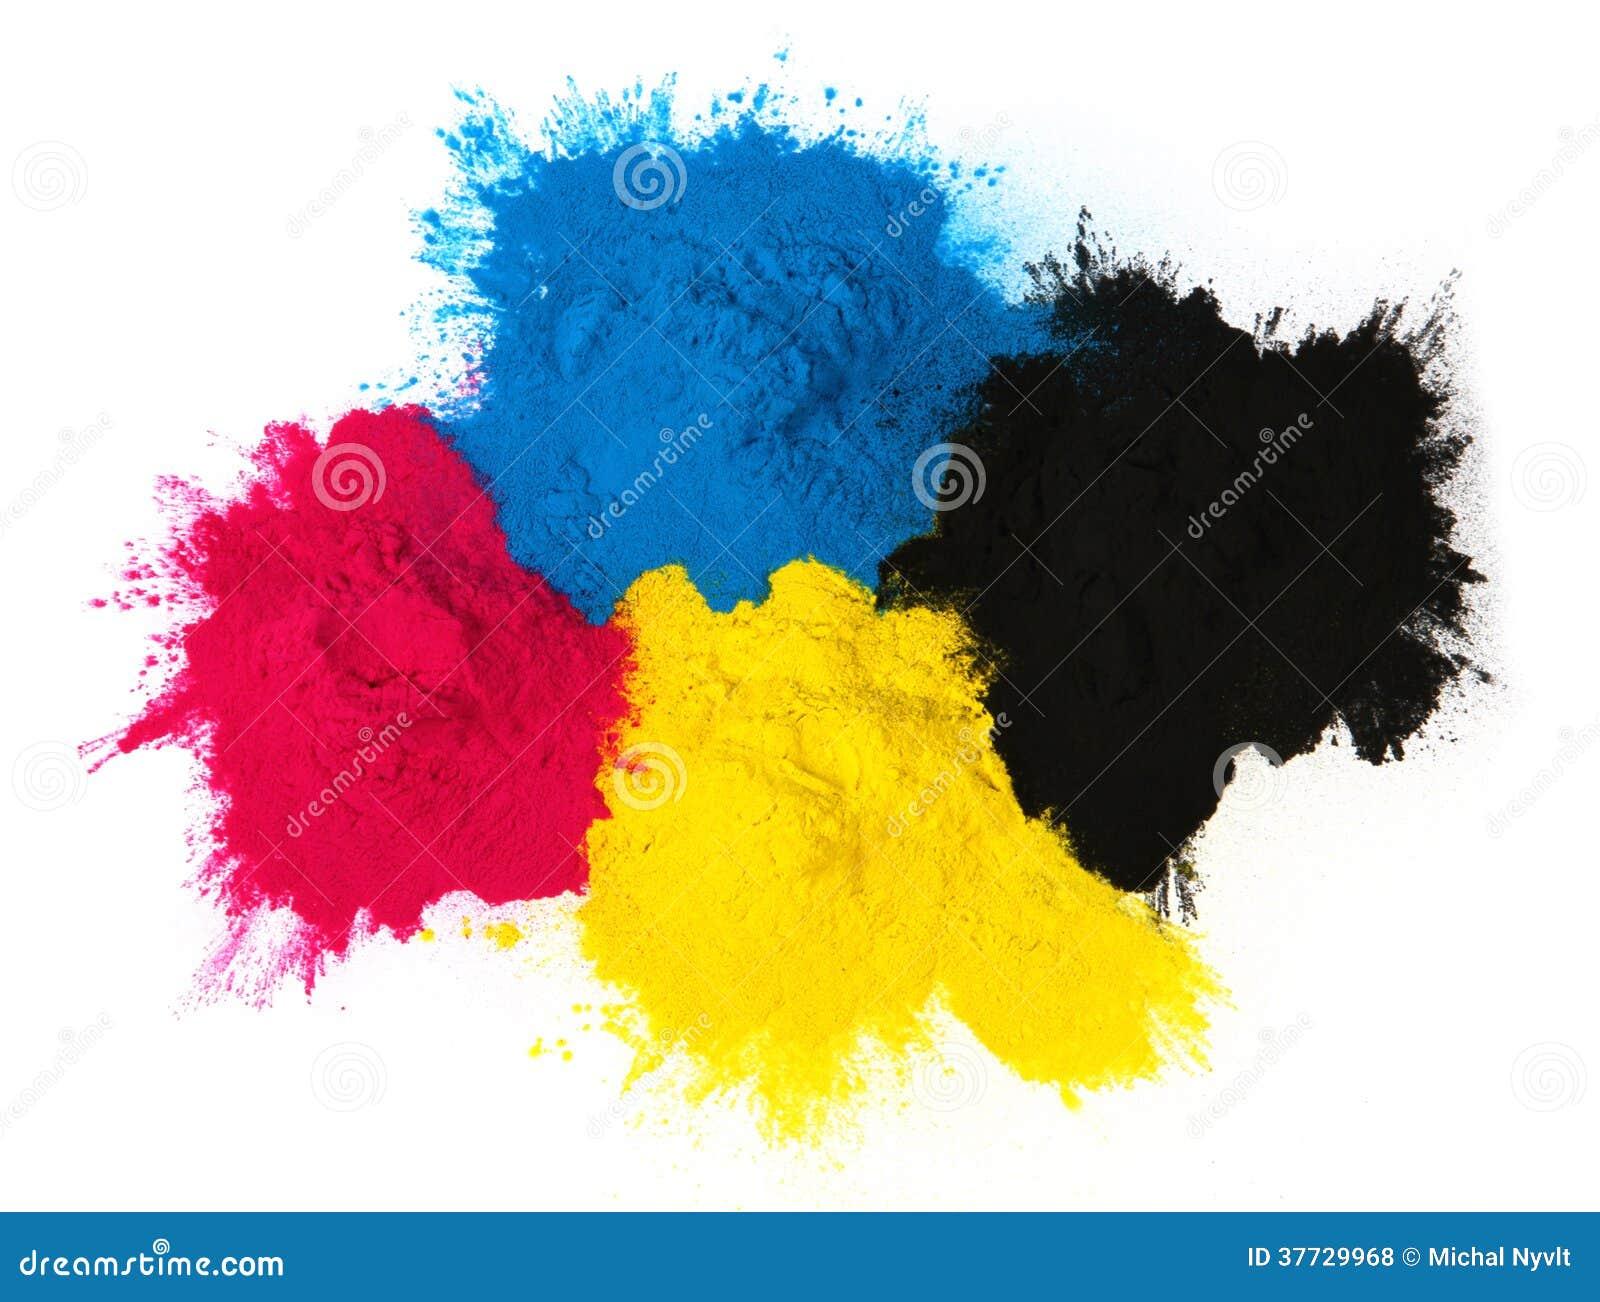 Color copier toner